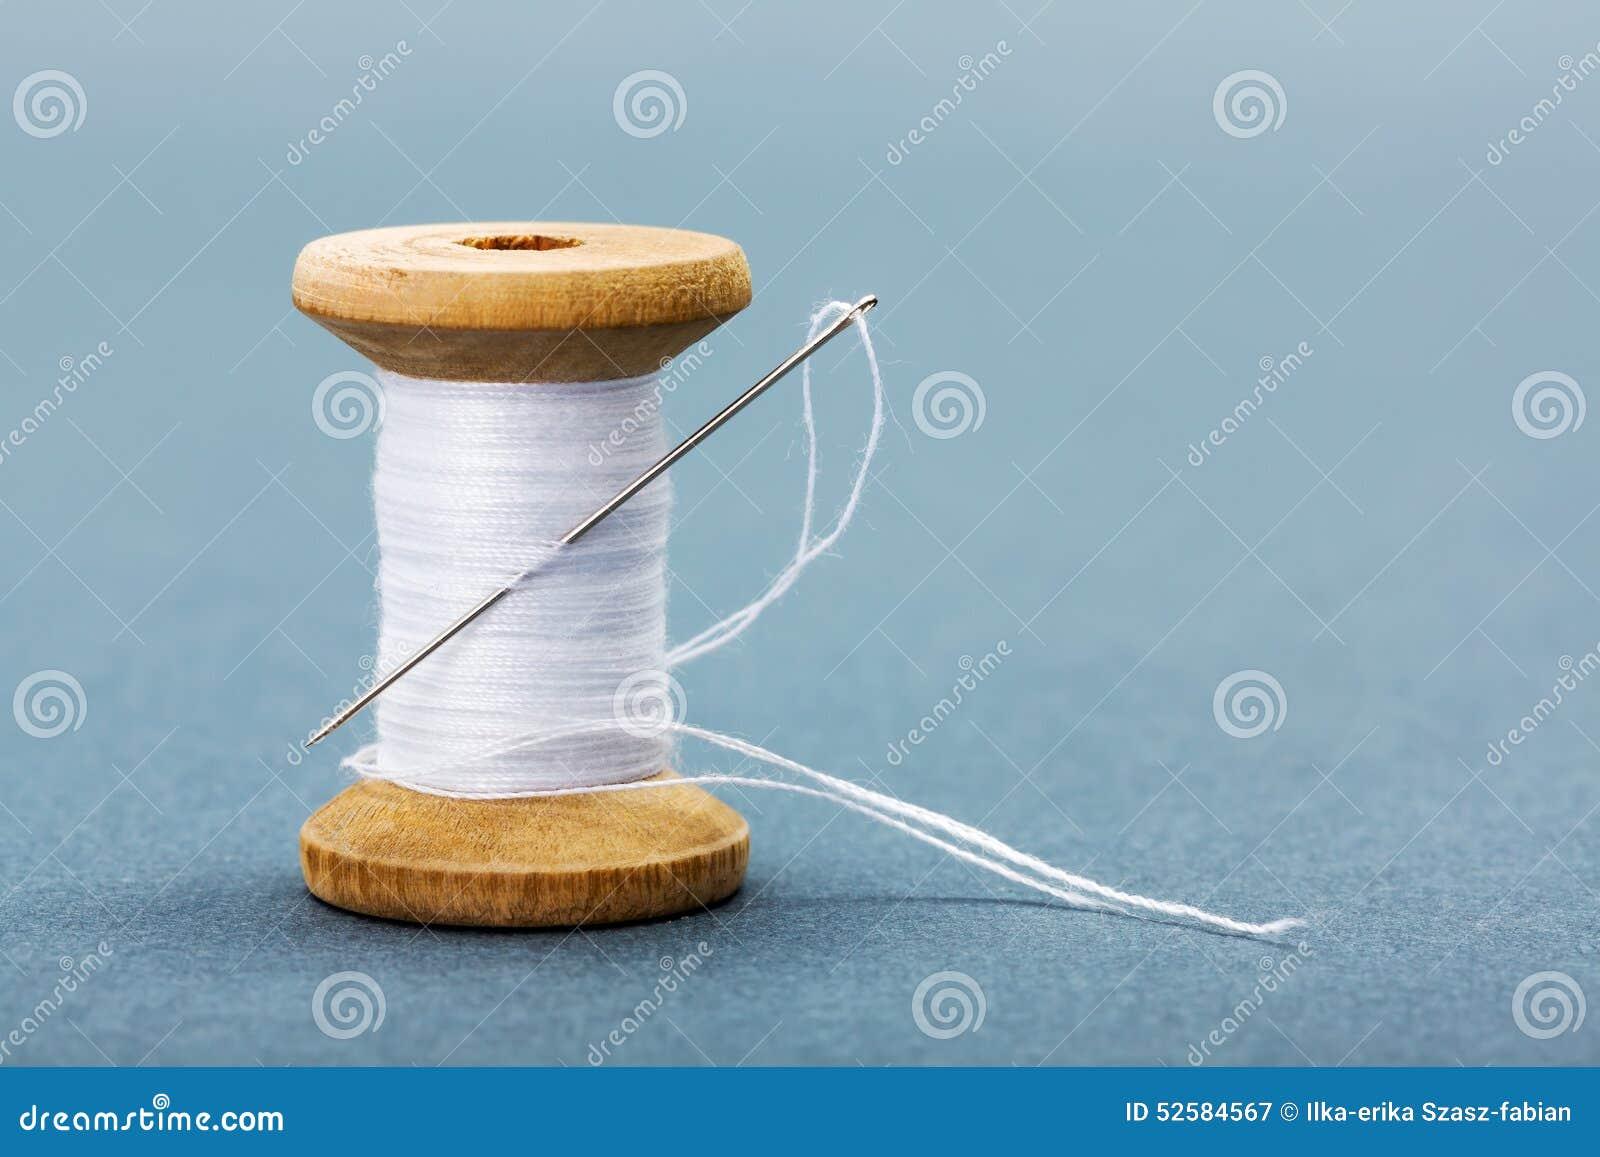 bobine du fil et de l 39 aiguille de couture blancs image stock image 52584567. Black Bedroom Furniture Sets. Home Design Ideas